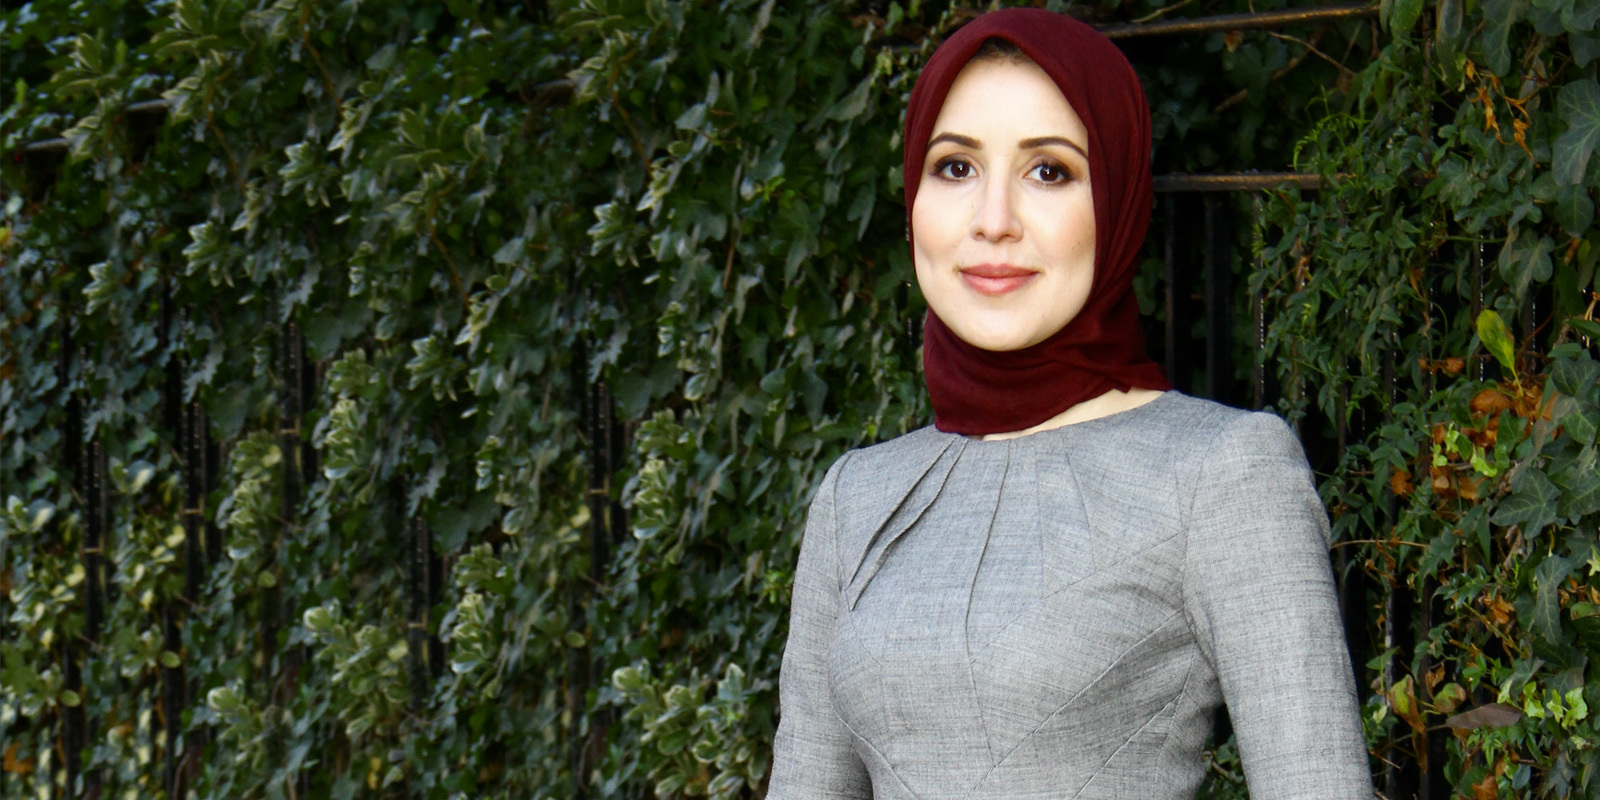 Dr Zainab Laftah